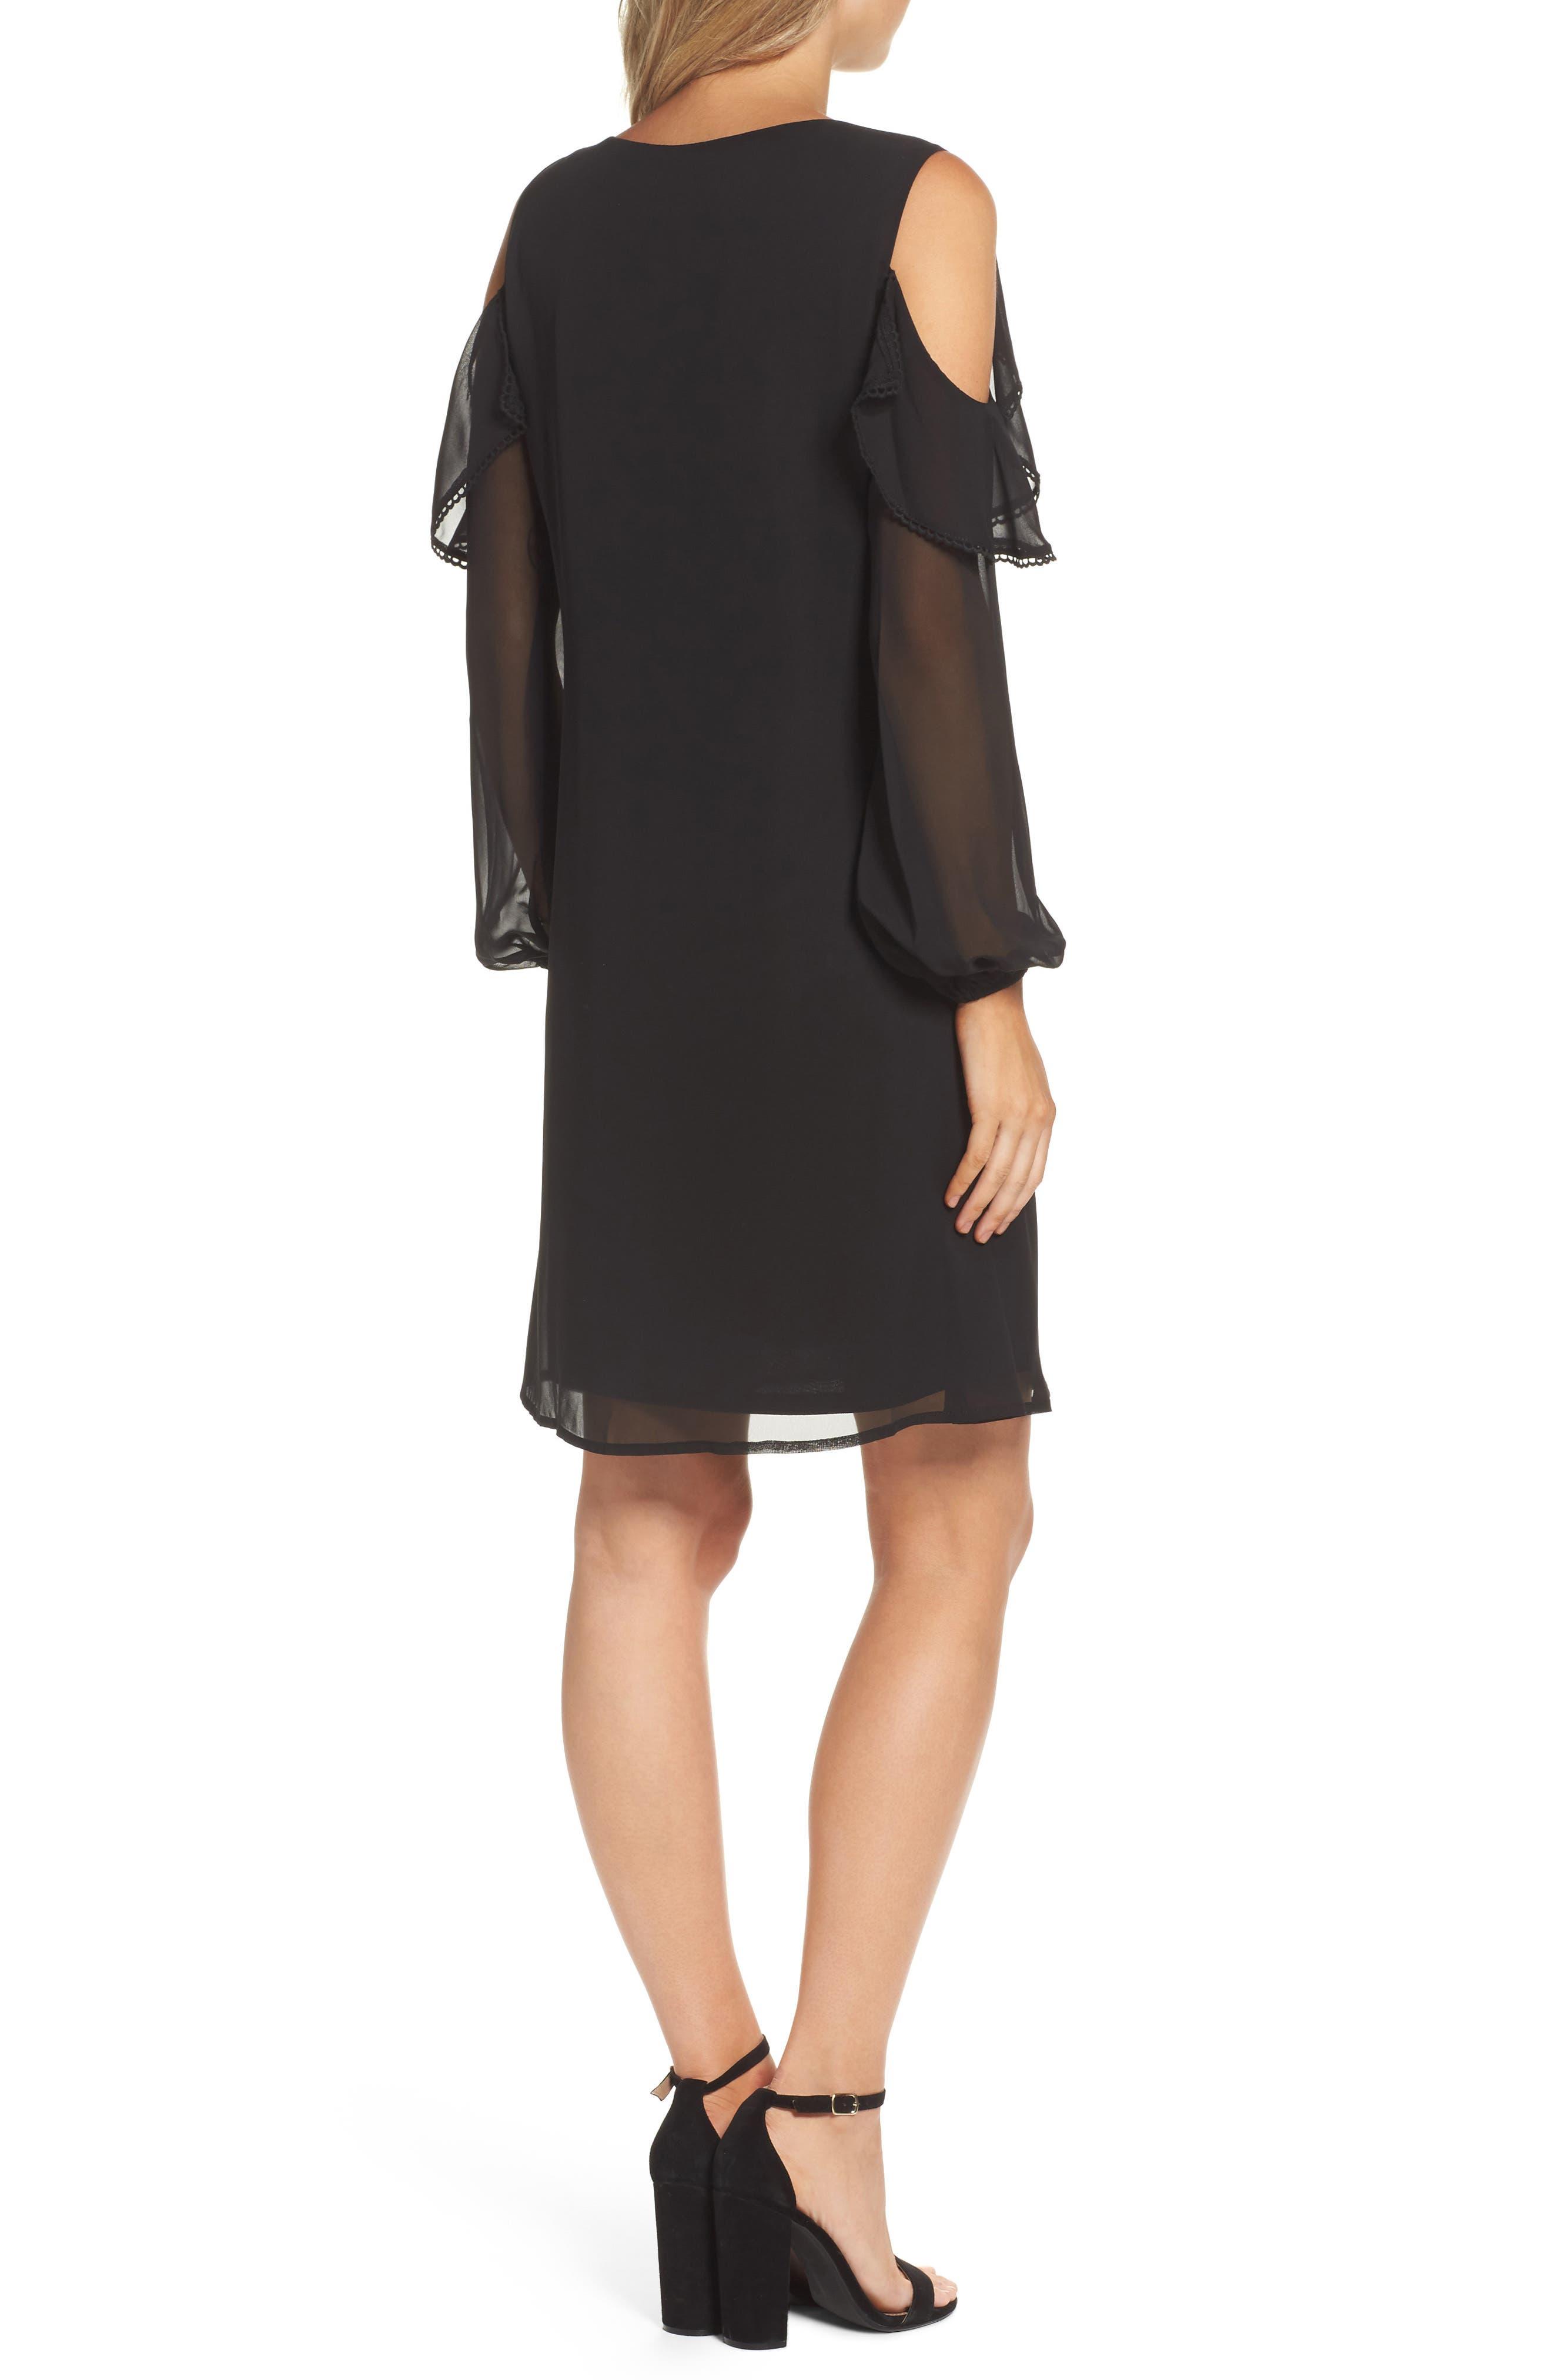 TAYLOR DRESSES,                             Chiffon Cold Shoulder A-Line Dress,                             Alternate thumbnail 2, color,                             001